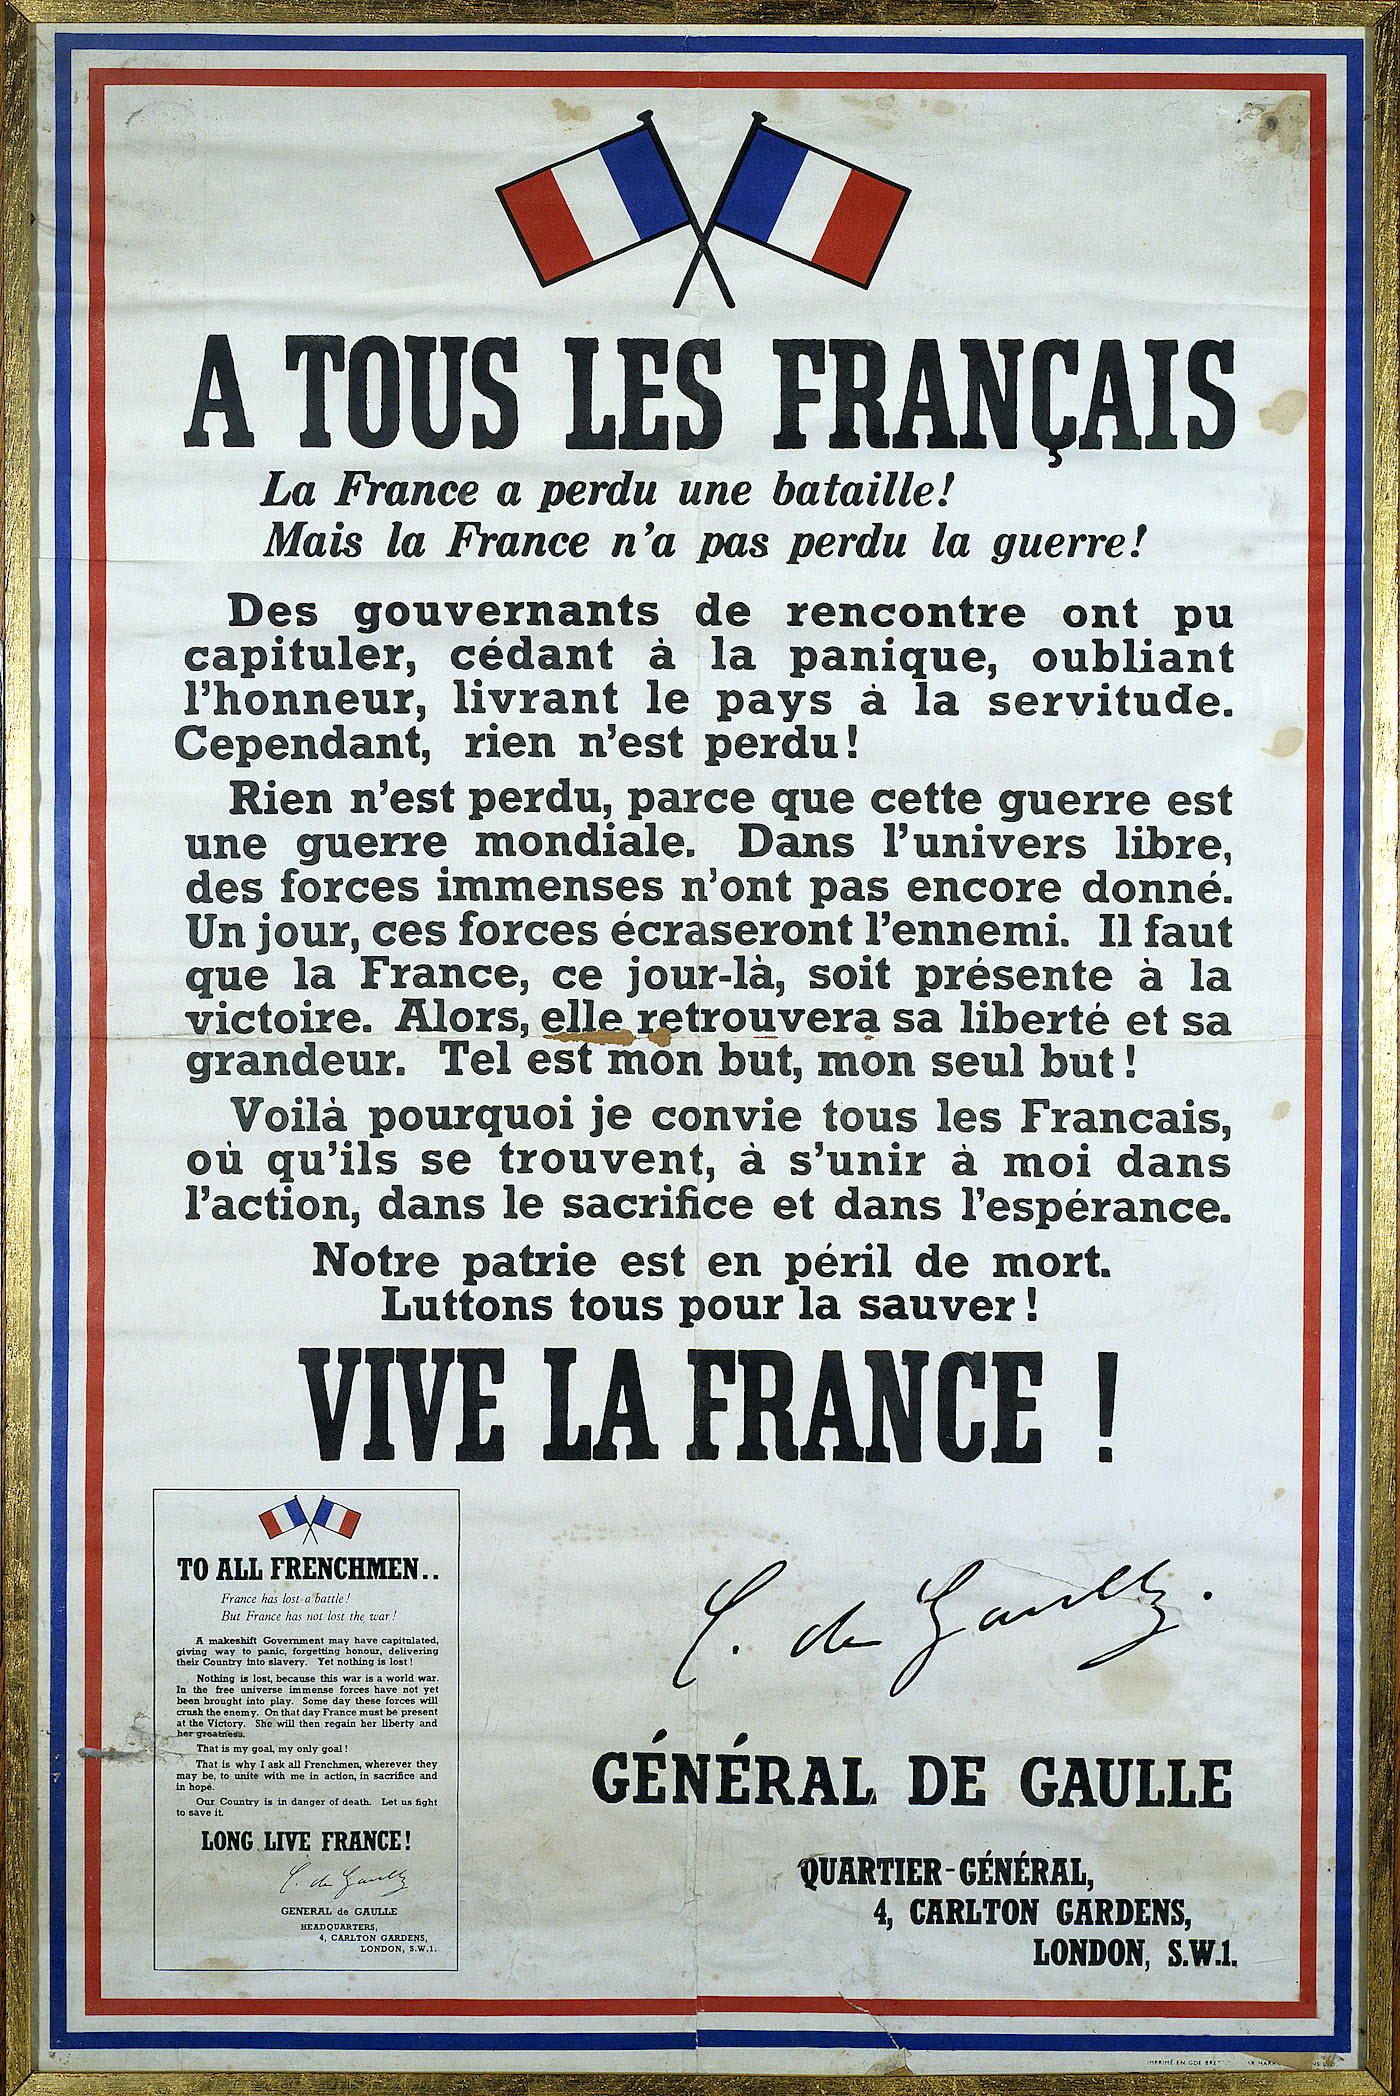 A tous les Français. La France a perdu un bataille ! Mais la France n'a pas perdu pas la guerre !